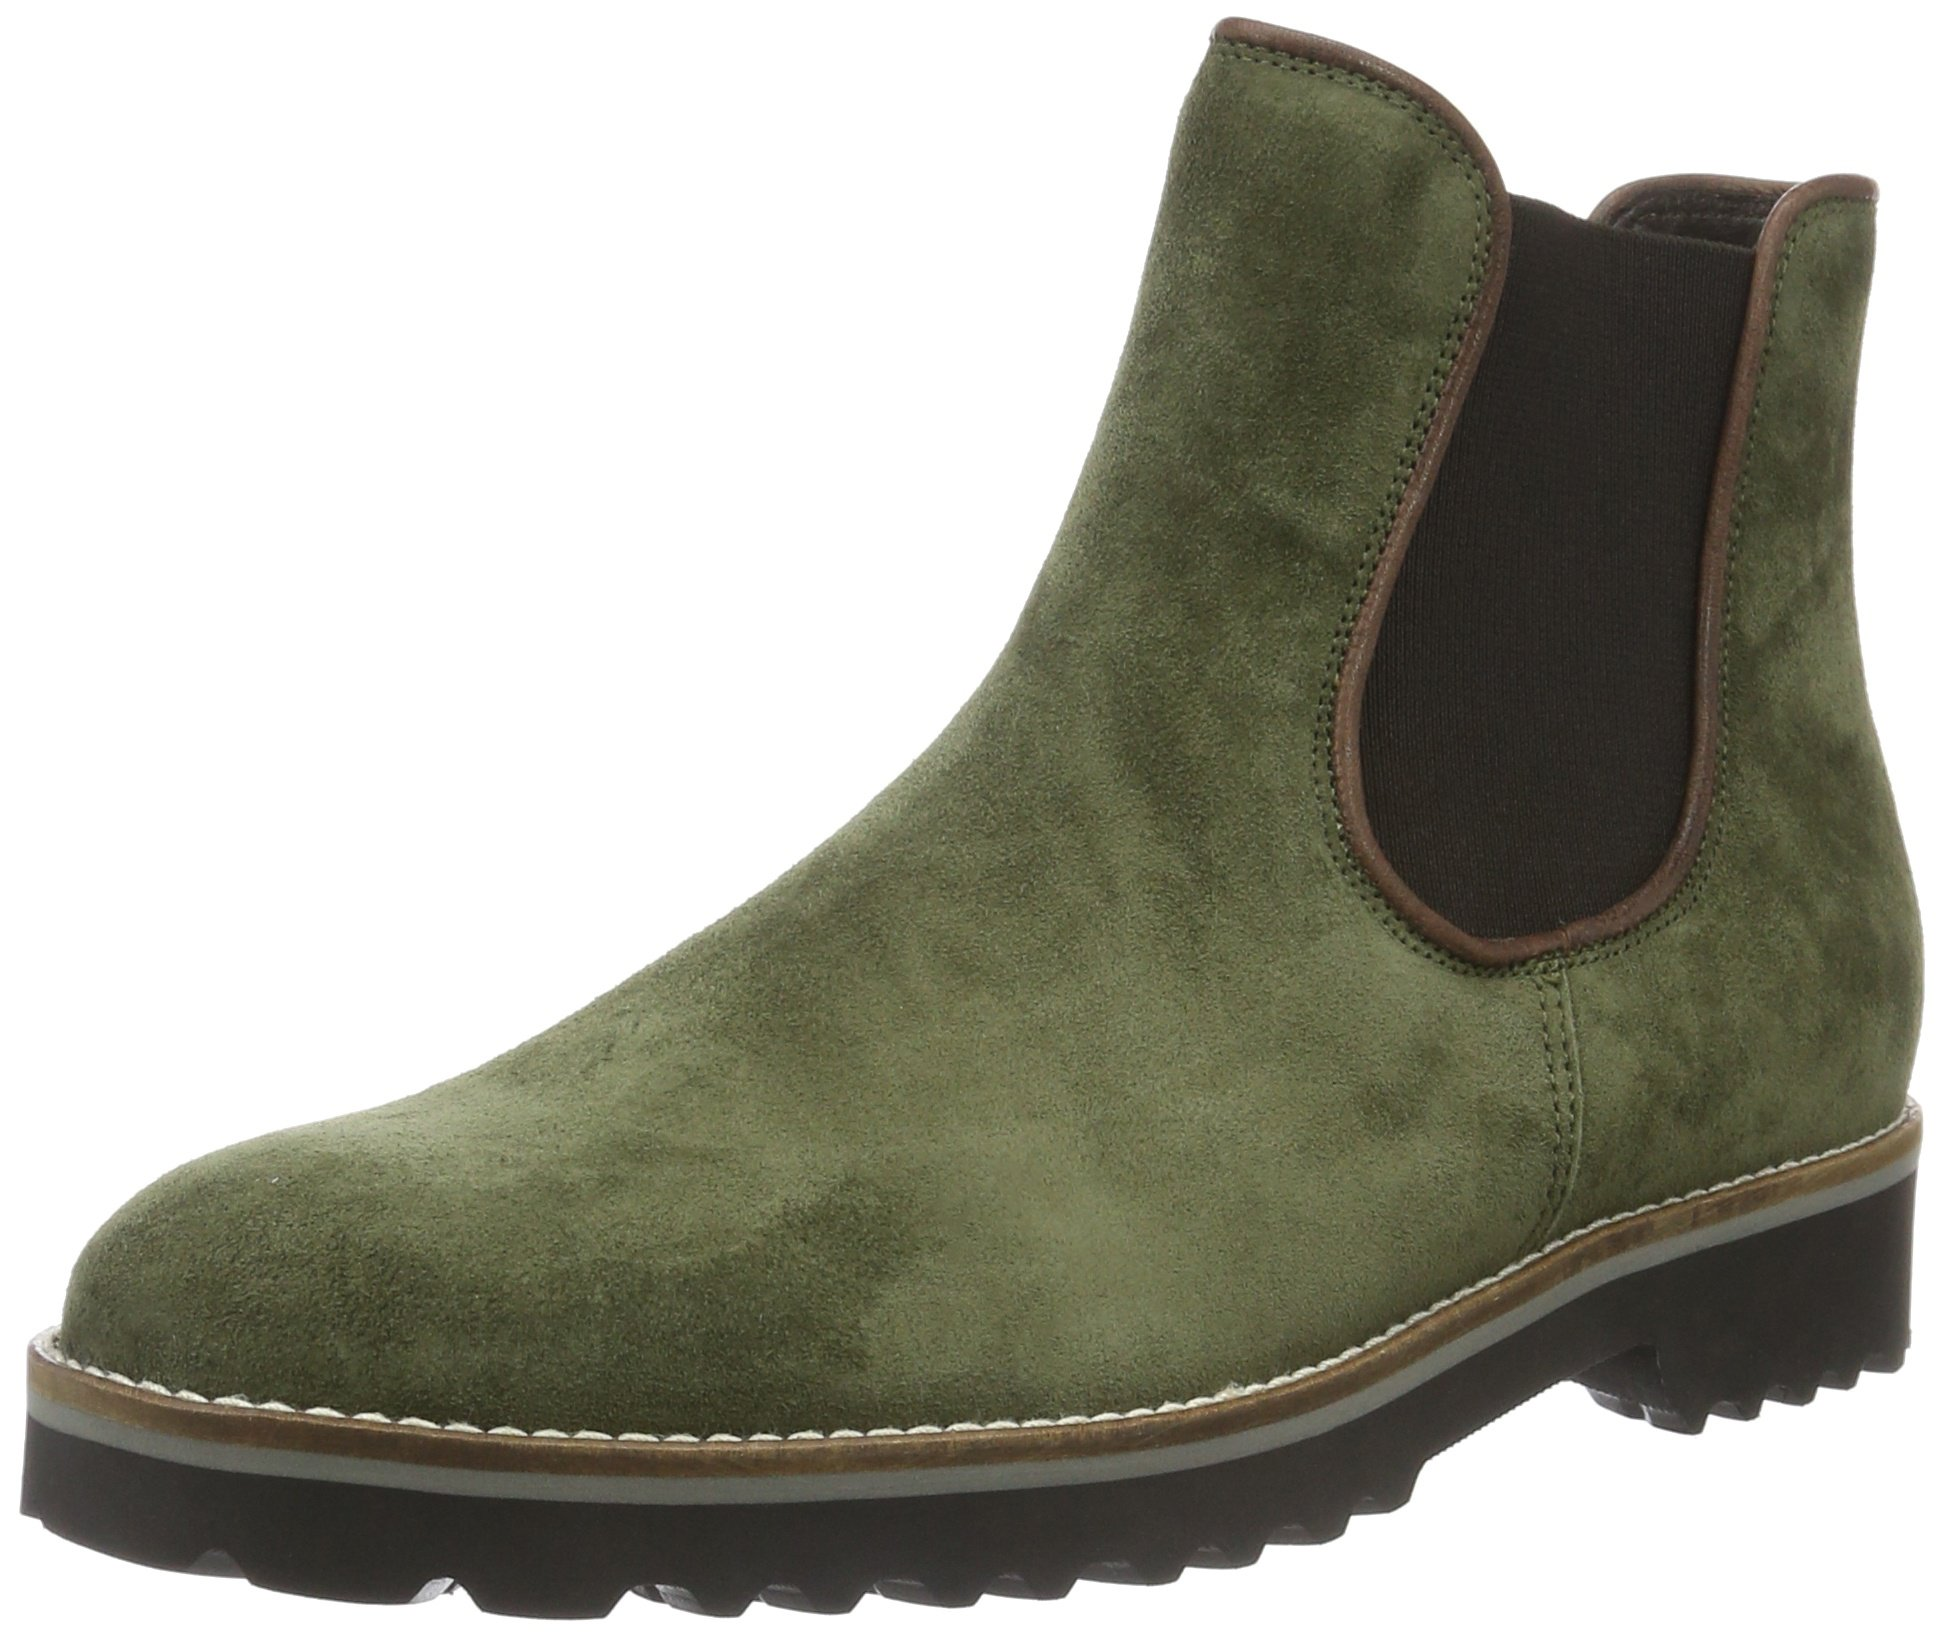 Eu Gabor 680 51 Shoes Bottes Chelsea FemmeMulticolore44 hQrdCstxB